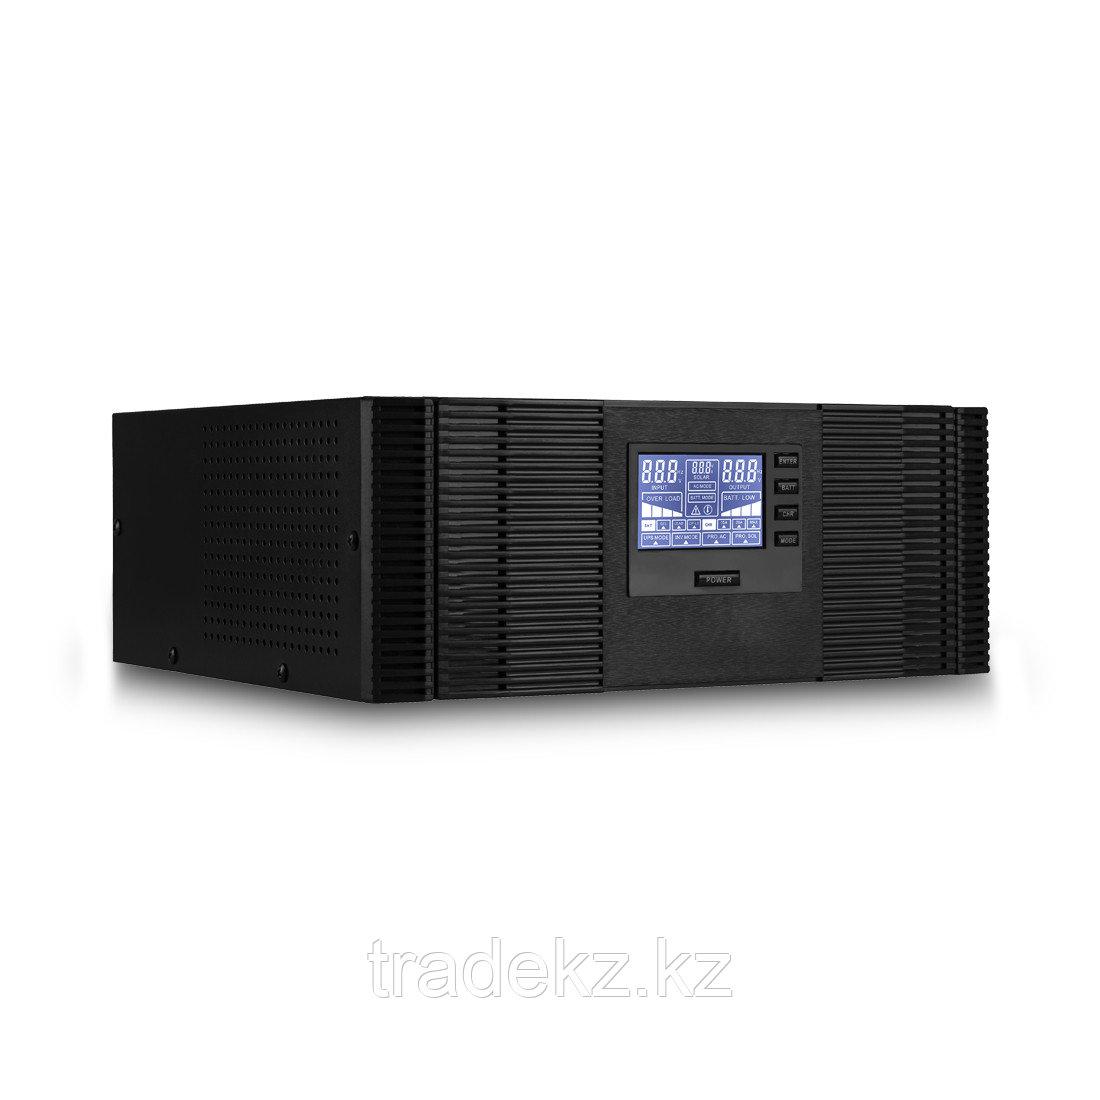 Инвертор, преобразователь напряжения SVC DI-600-F-LCD